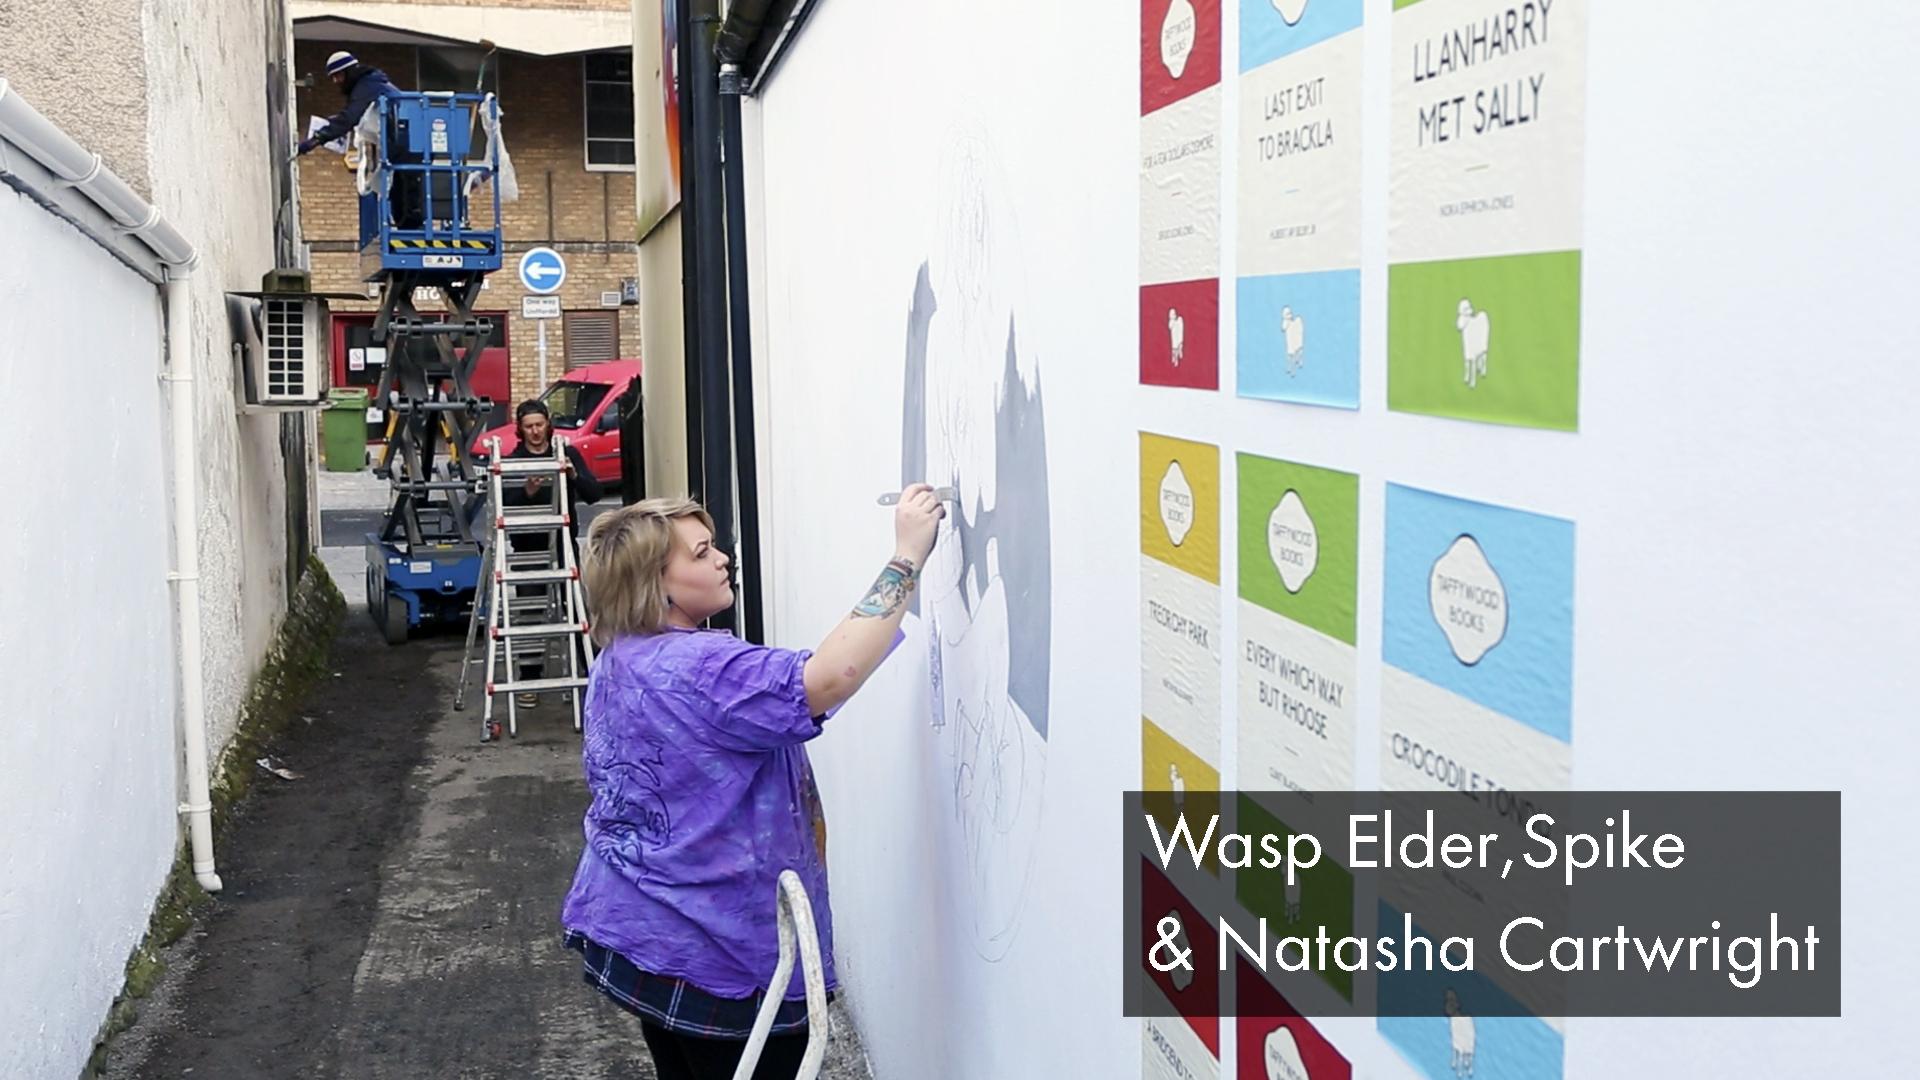 WaspElderSpike&NatashaCartwright.jpg